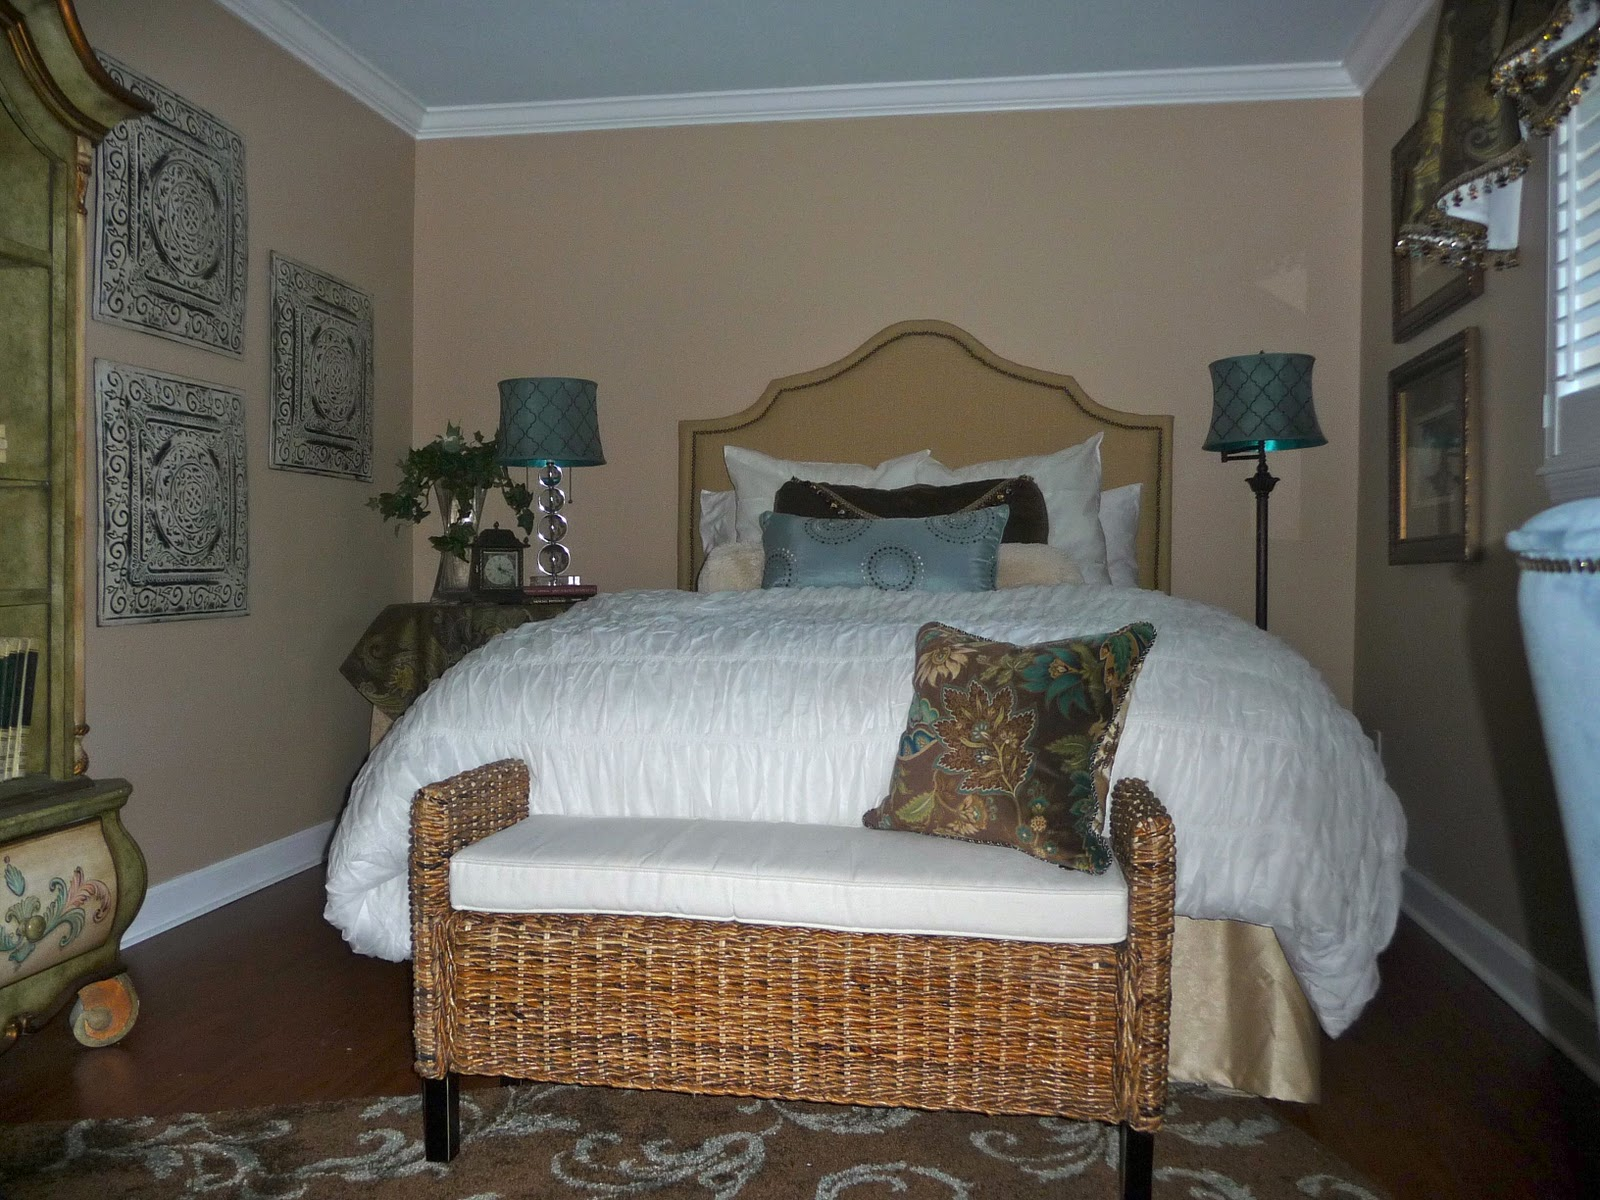 Seagrass Bedroom Furniture Wicker Seagrass Bedroom Furniture Wicker Storage Drawers Bathroom